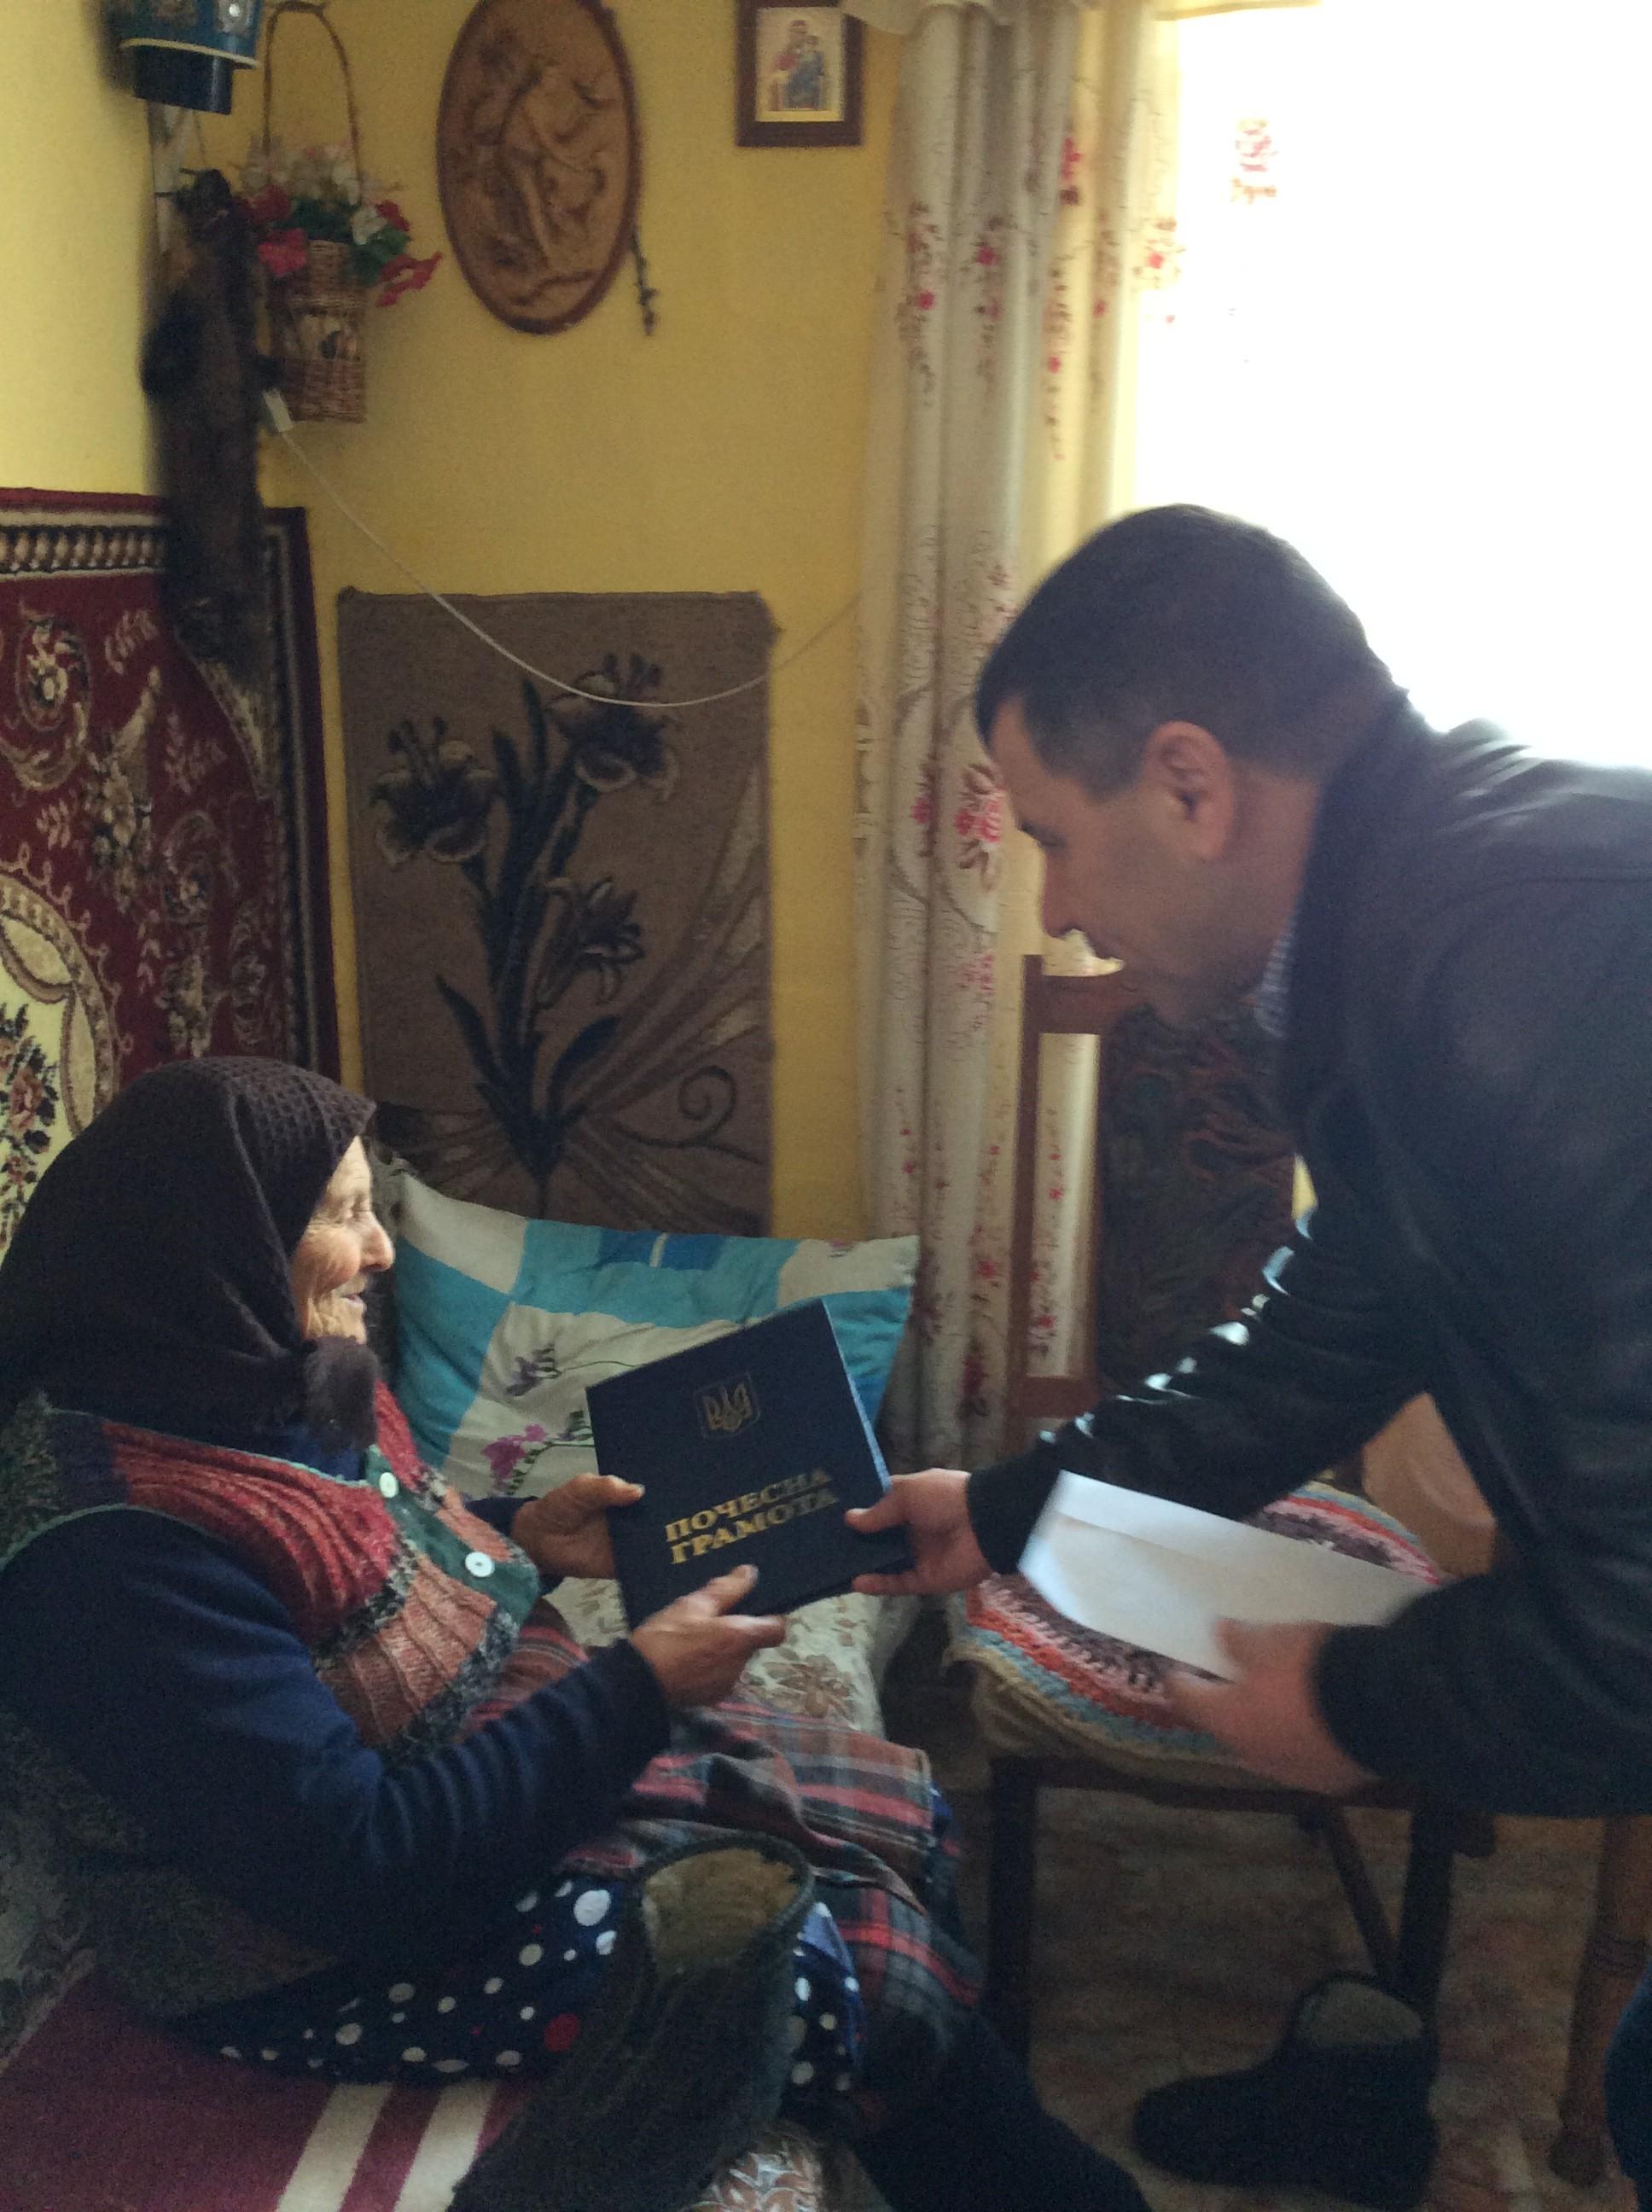 Мешканка села Родникова Гута відзначила своє 90-річчя